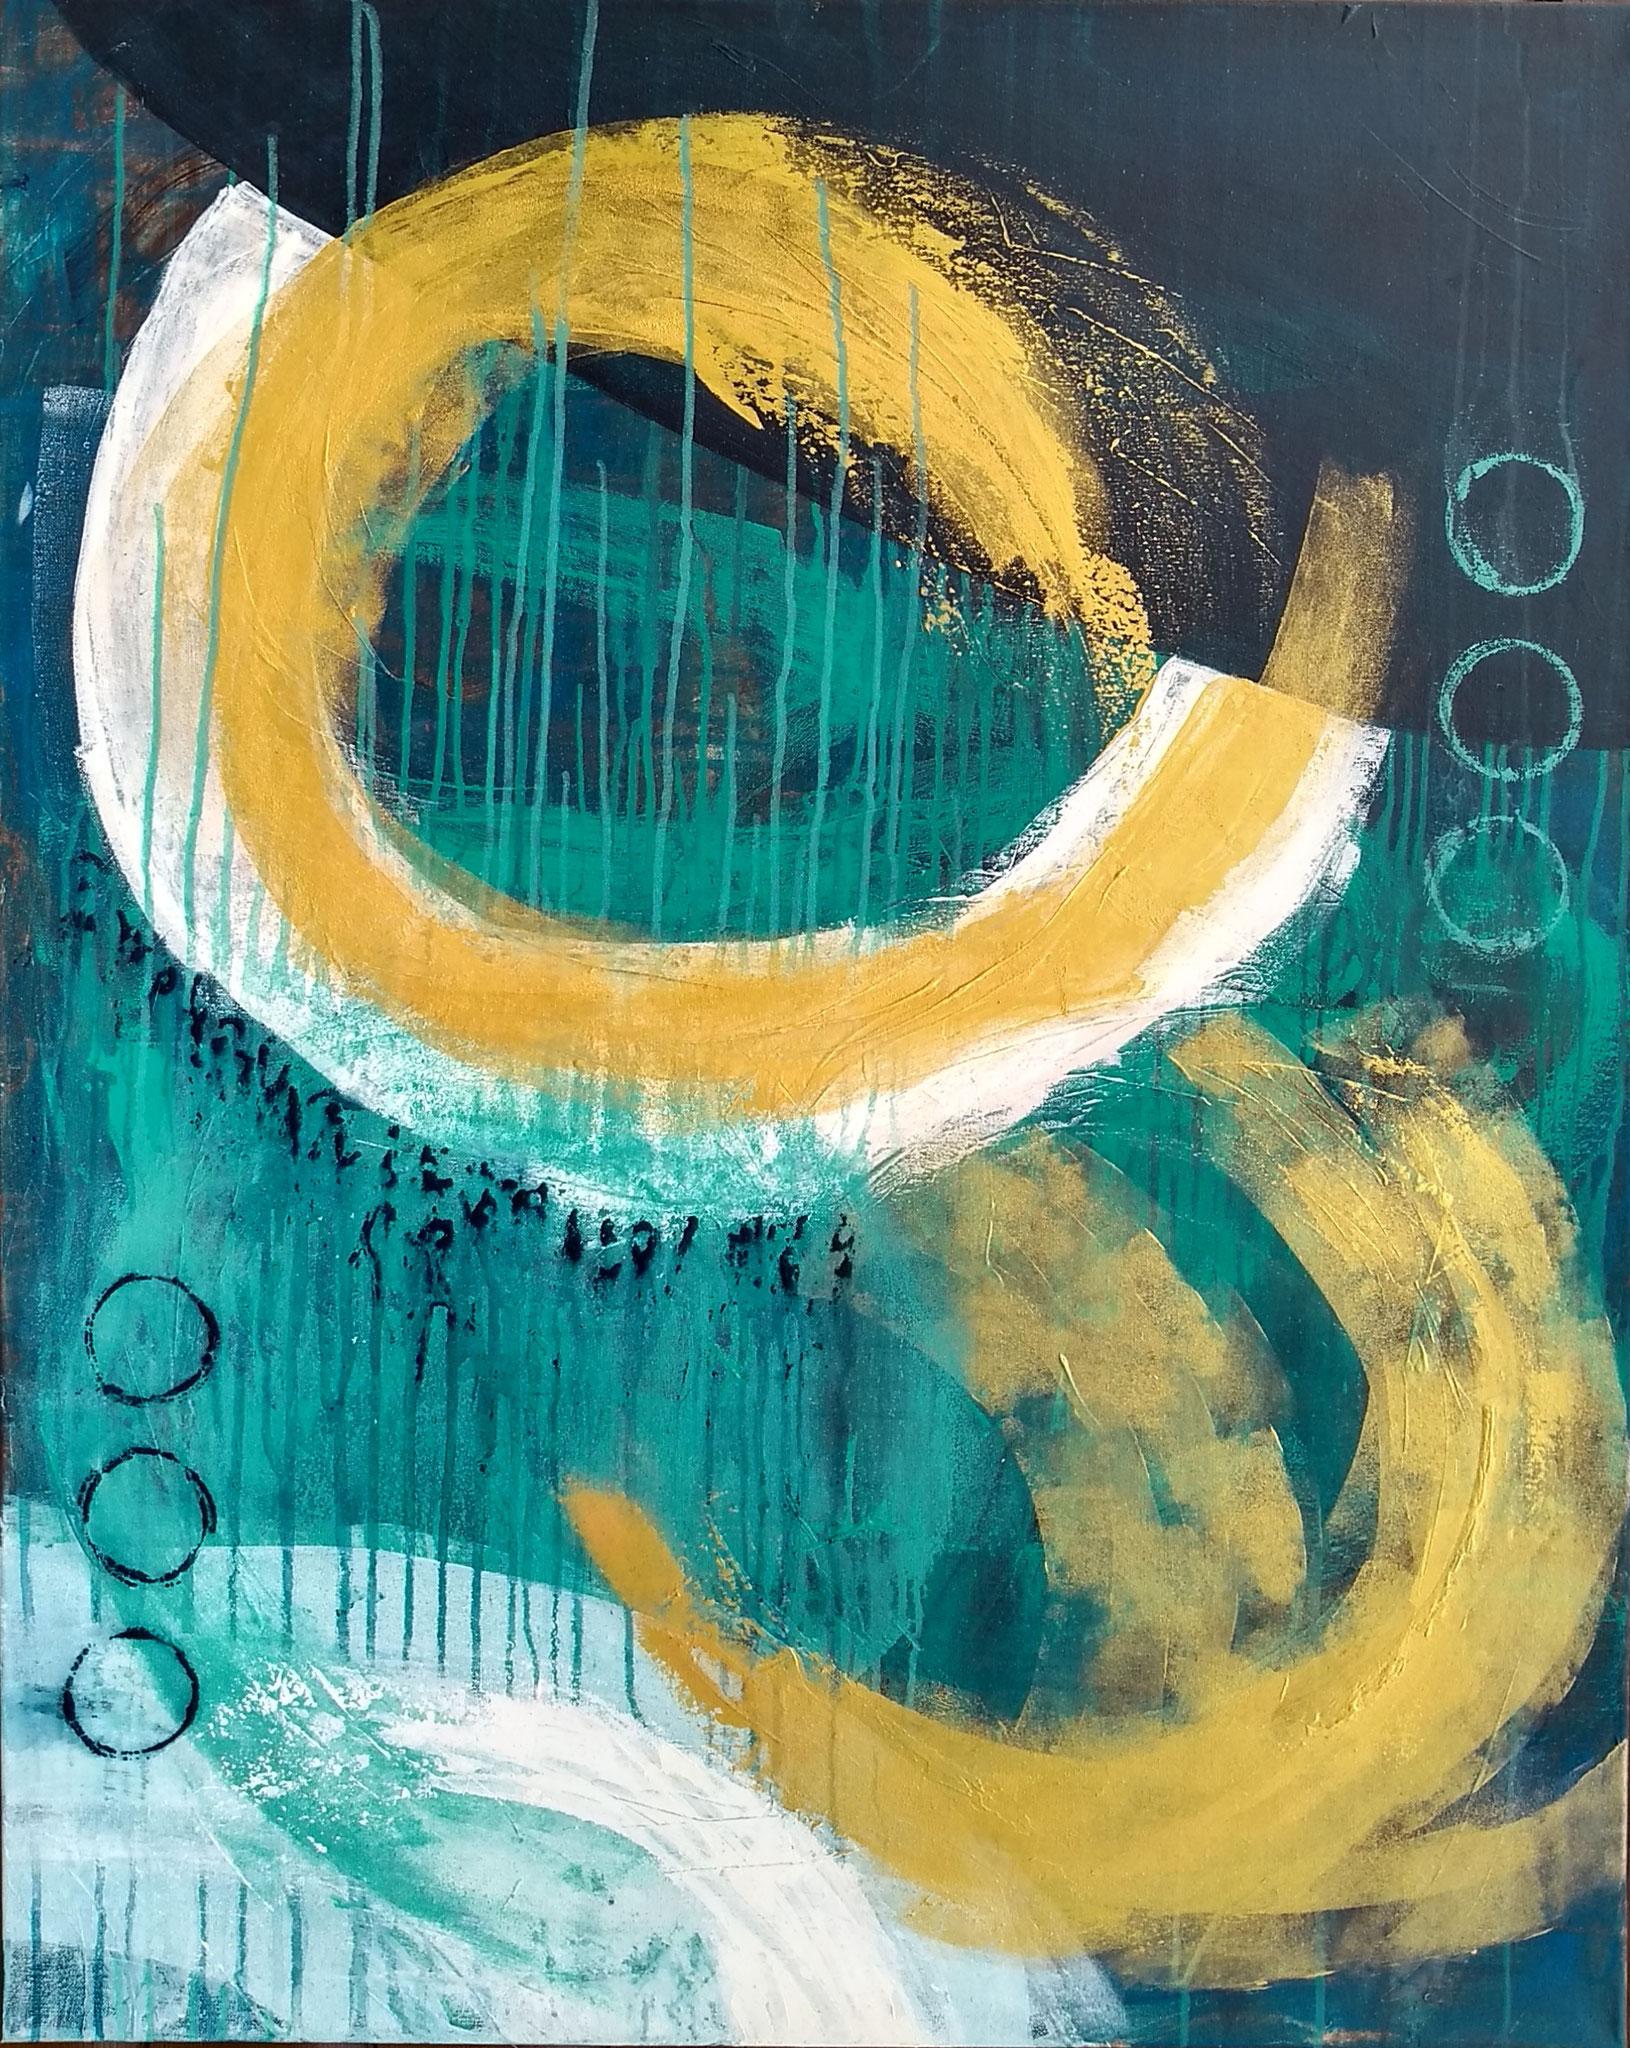 4.12., Gemälde von Joanna Hahn, Neuenhagen, A13